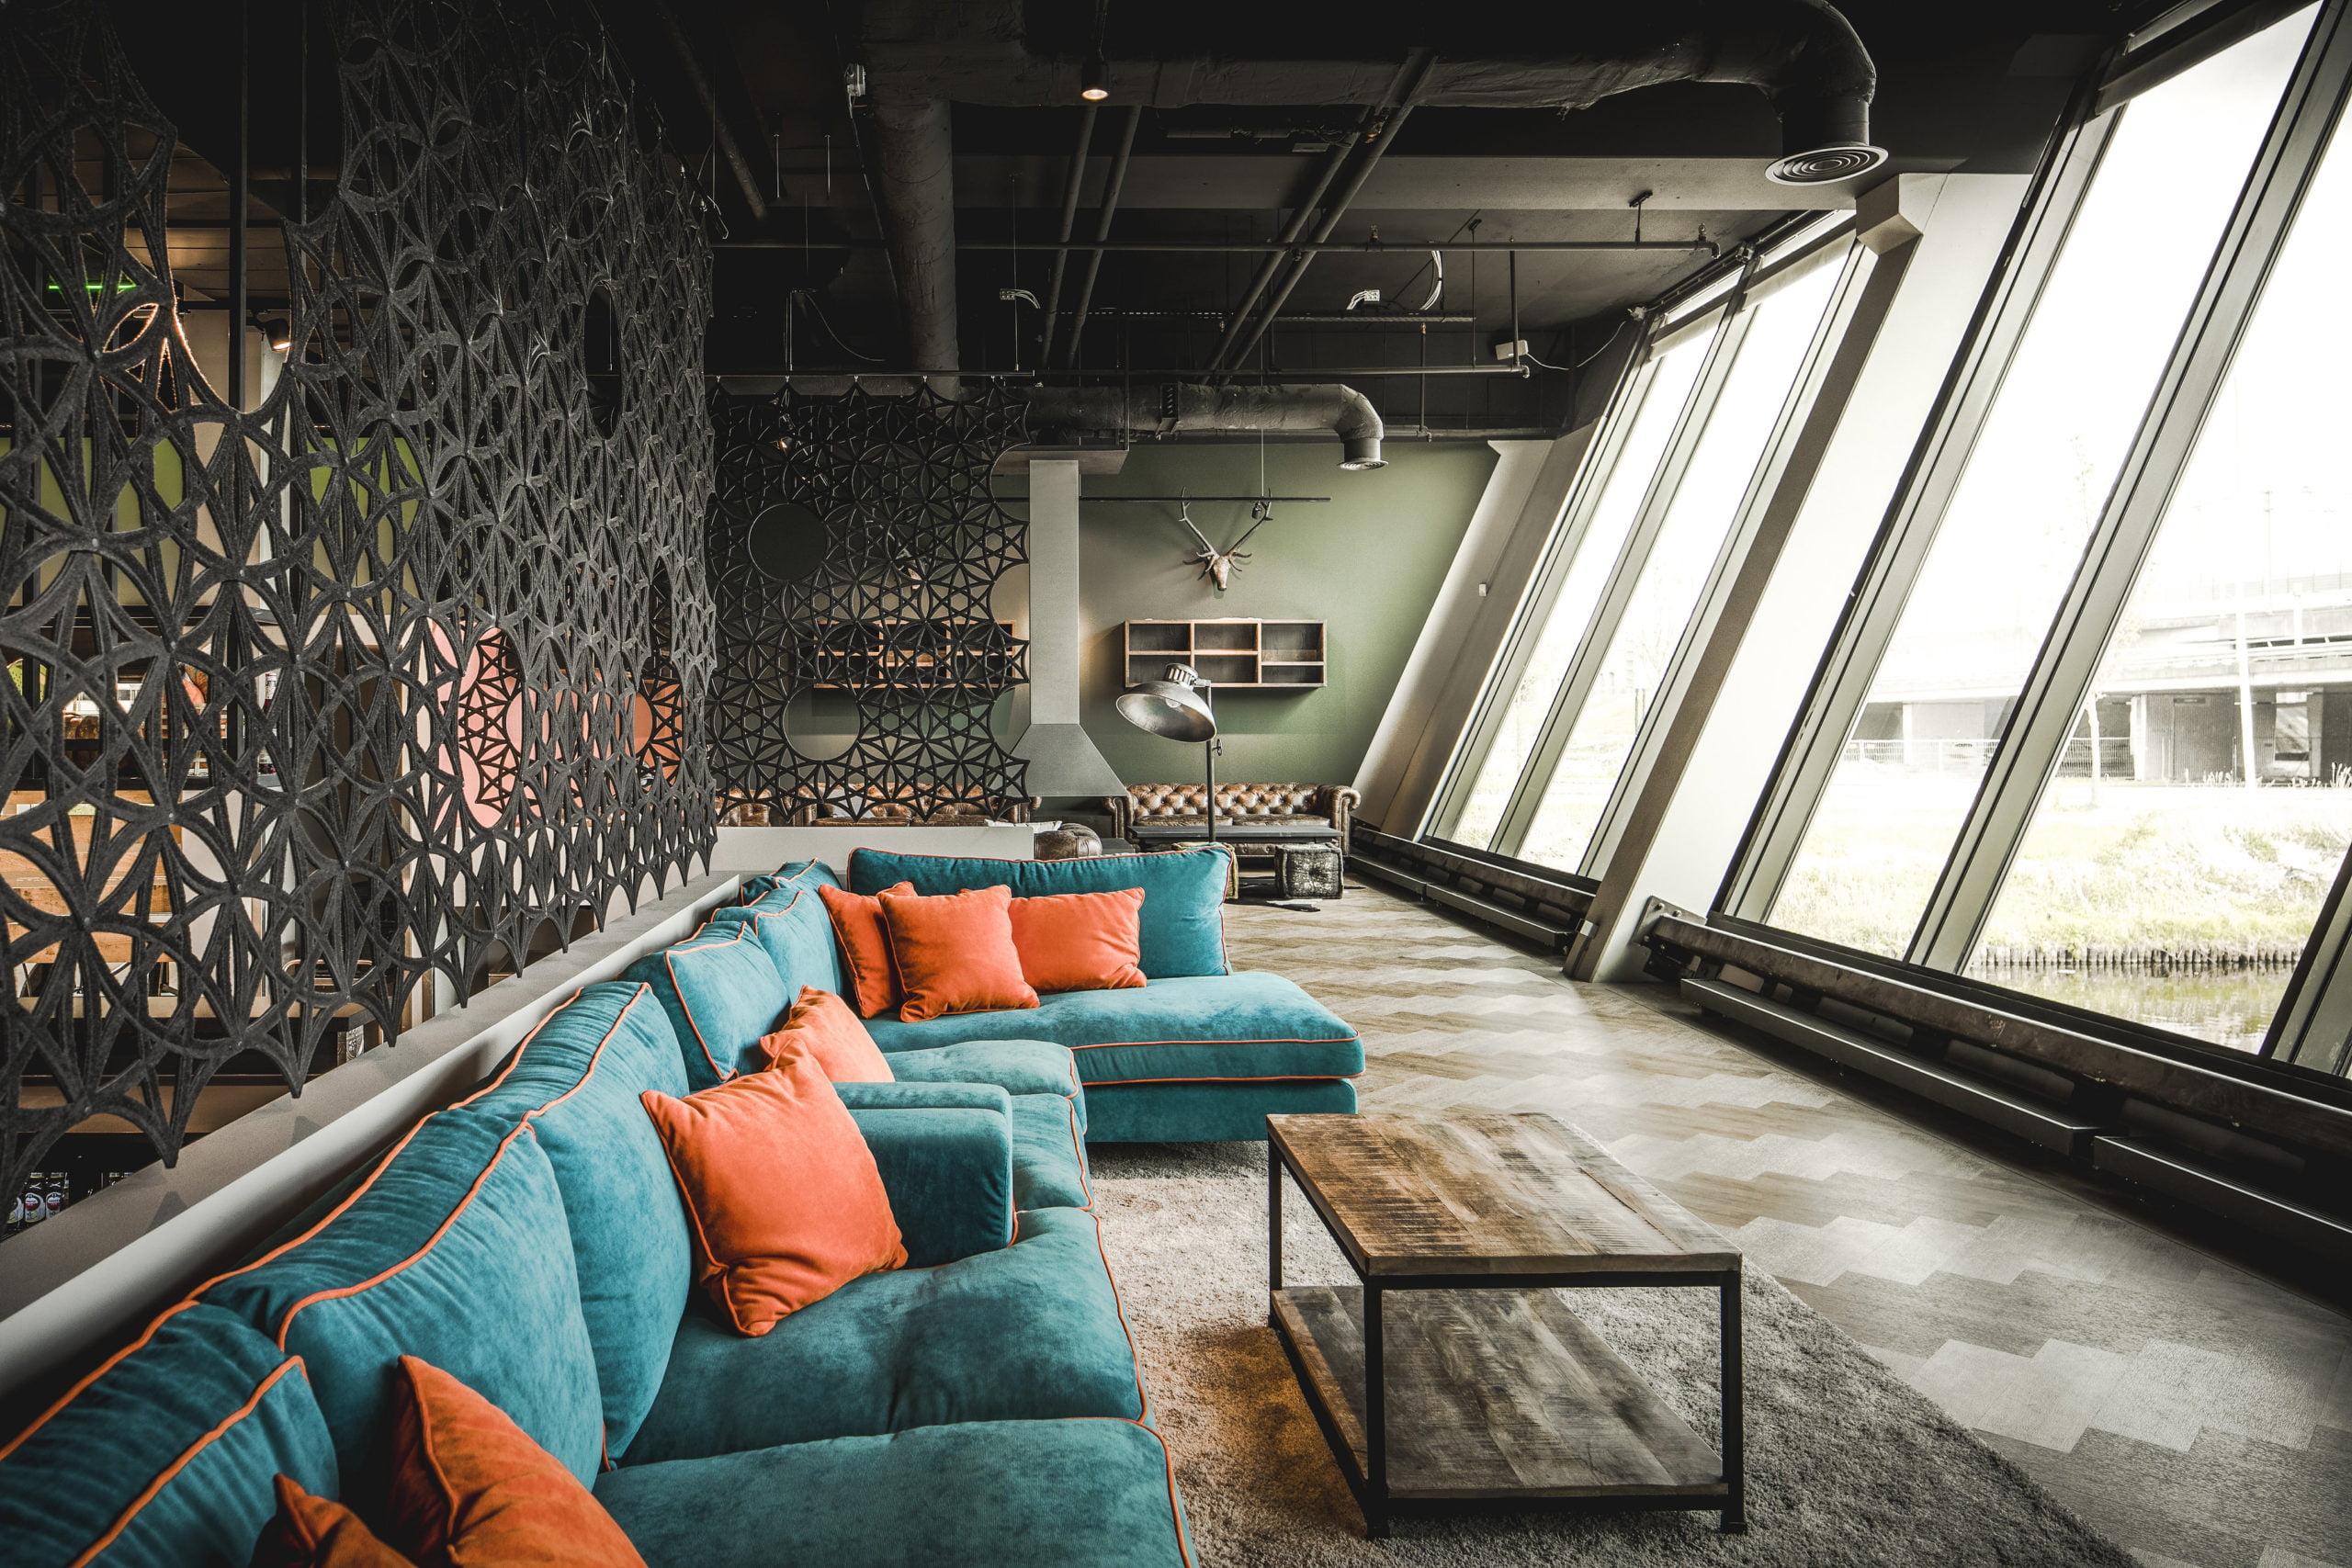 Interieurfoto kantoor Inwork Amsterdam - Akoestisch gordijn Airflakes als afscheiding  van de verhoogde vloer van de brasserie